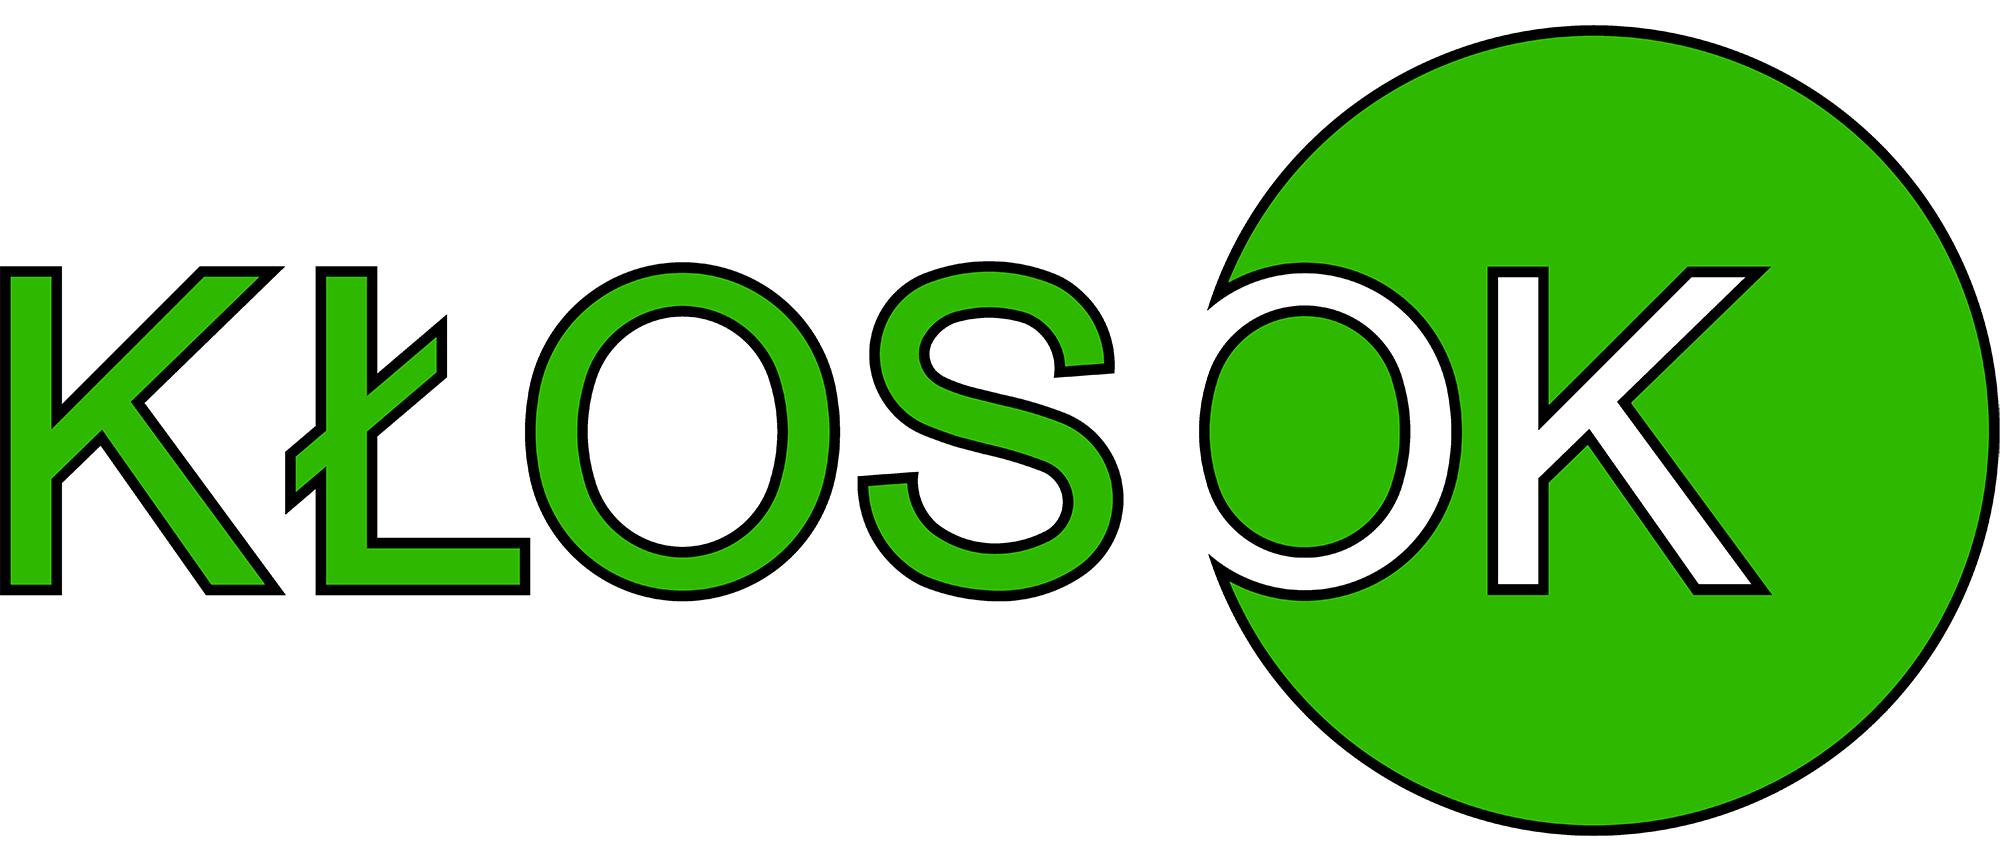 klosok-logo